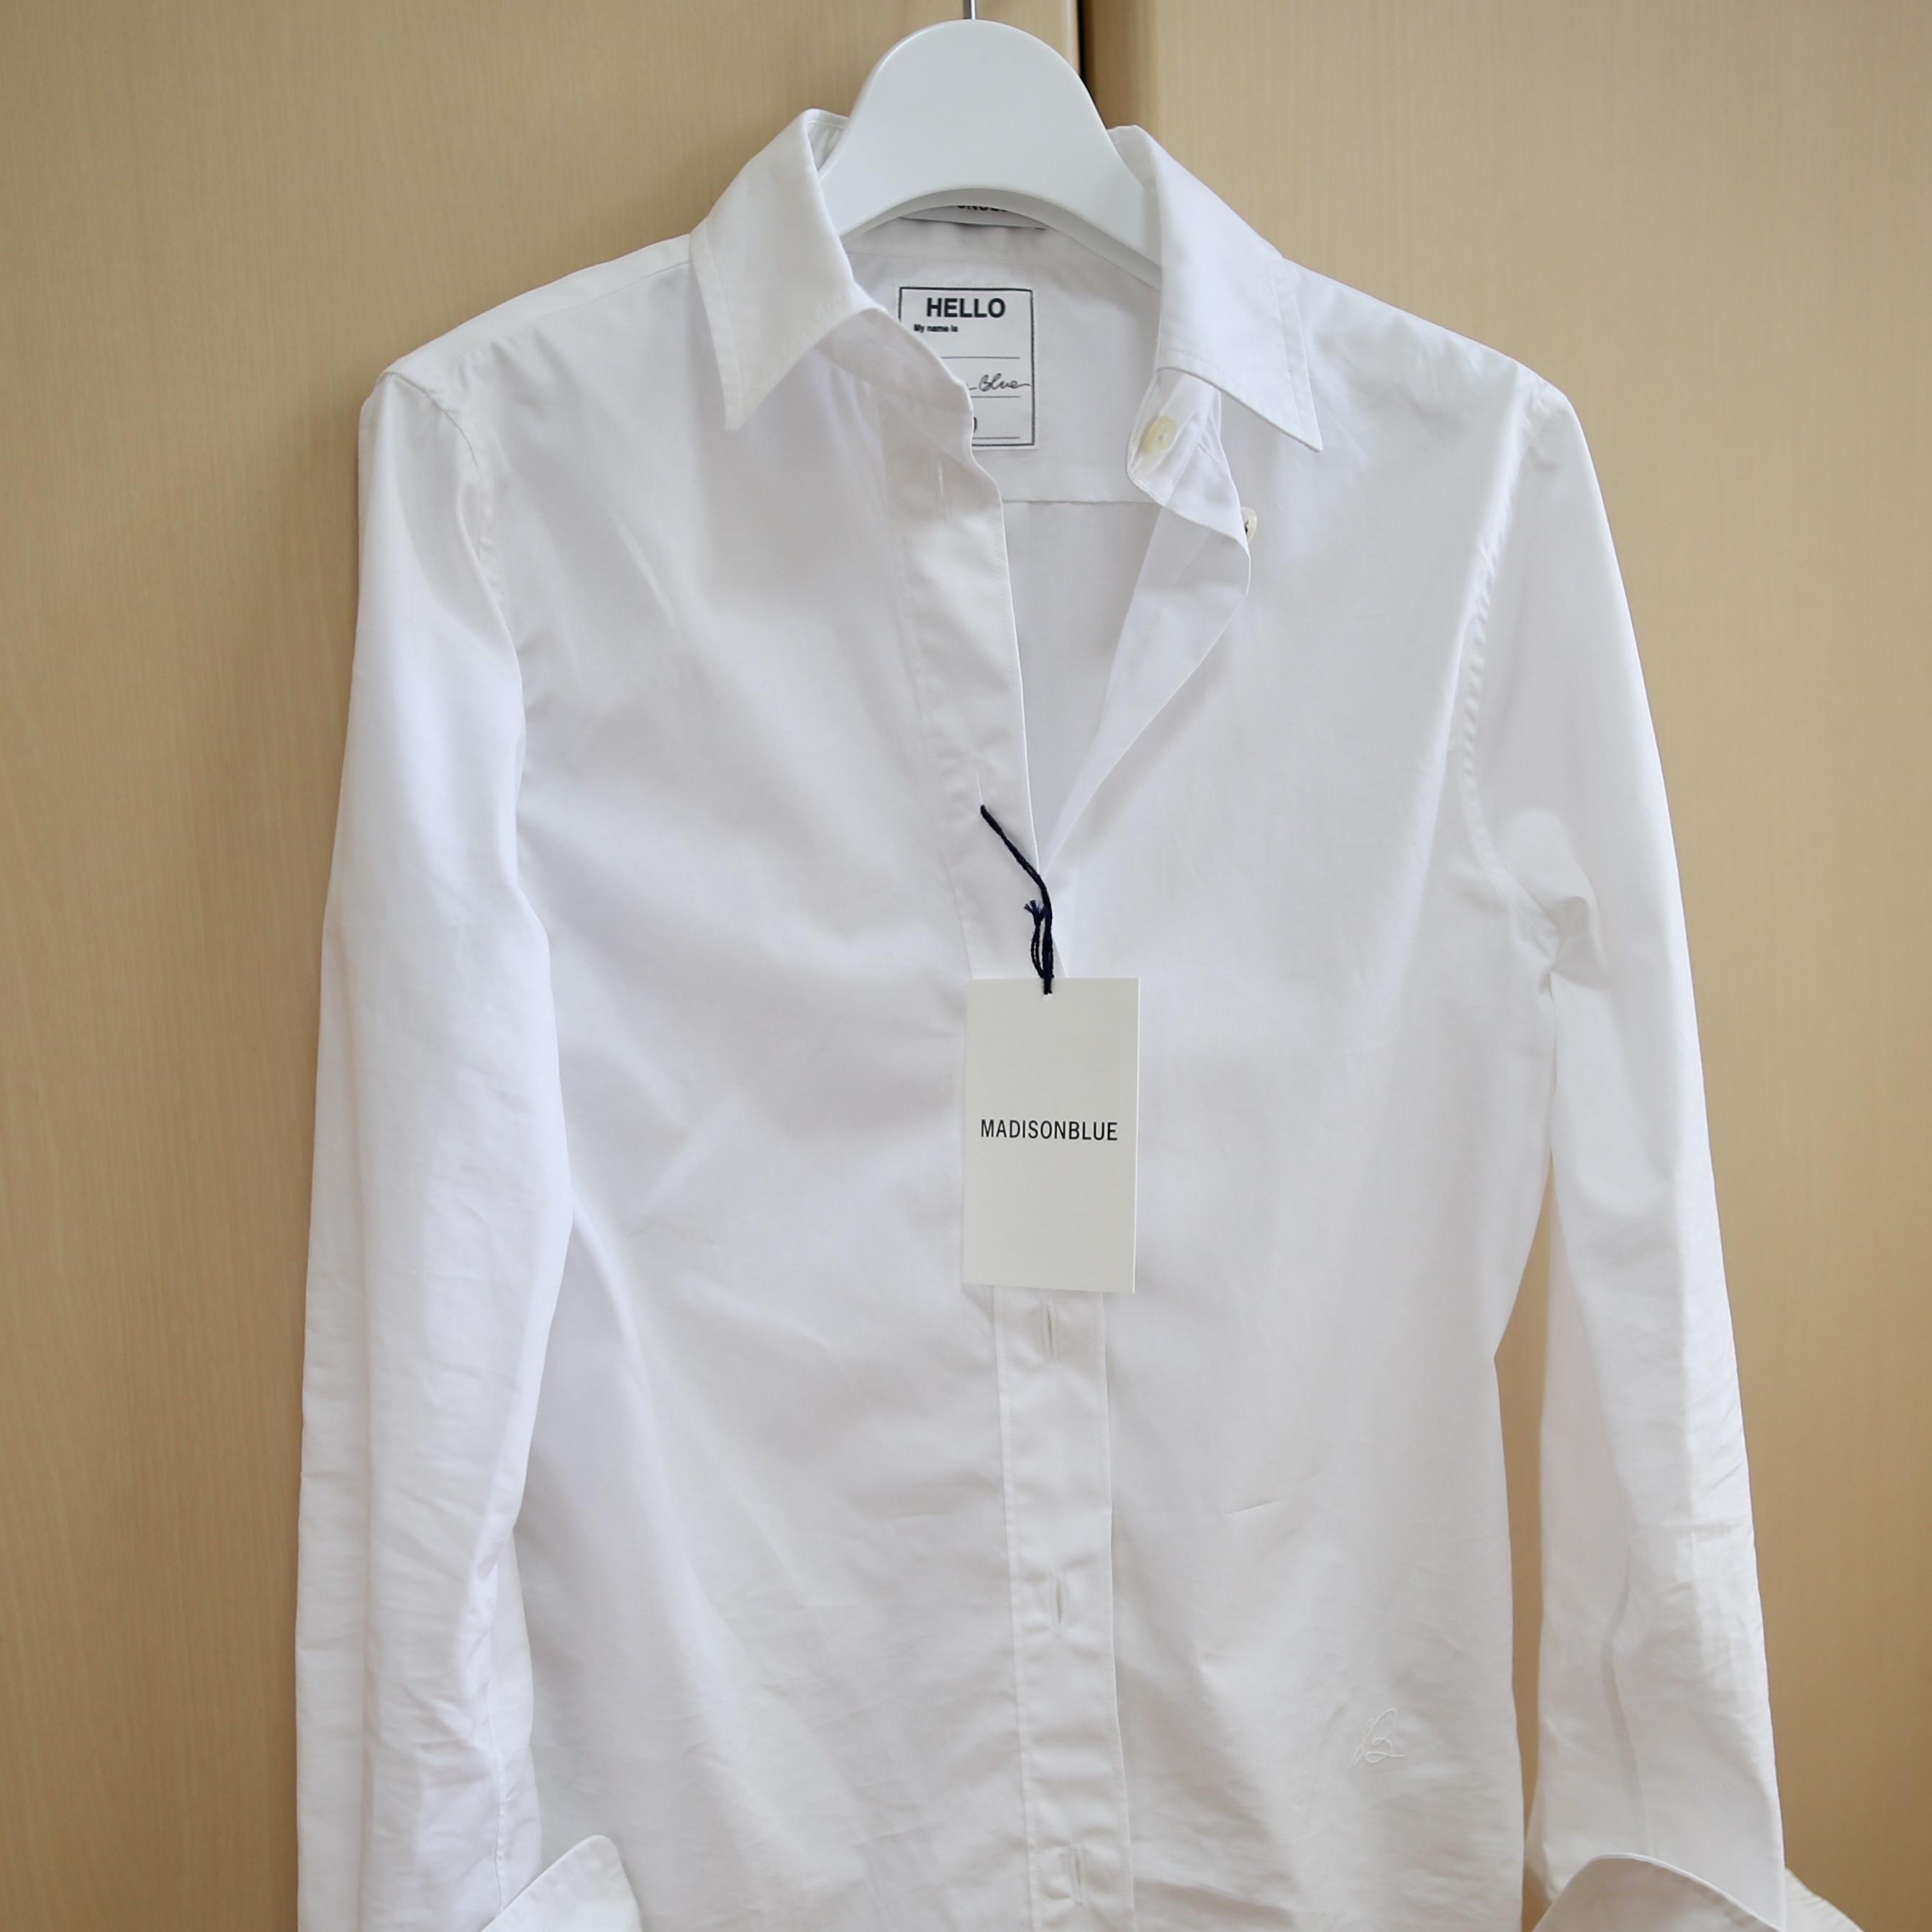 小細工ナシでキマるシャツ♪_1_1